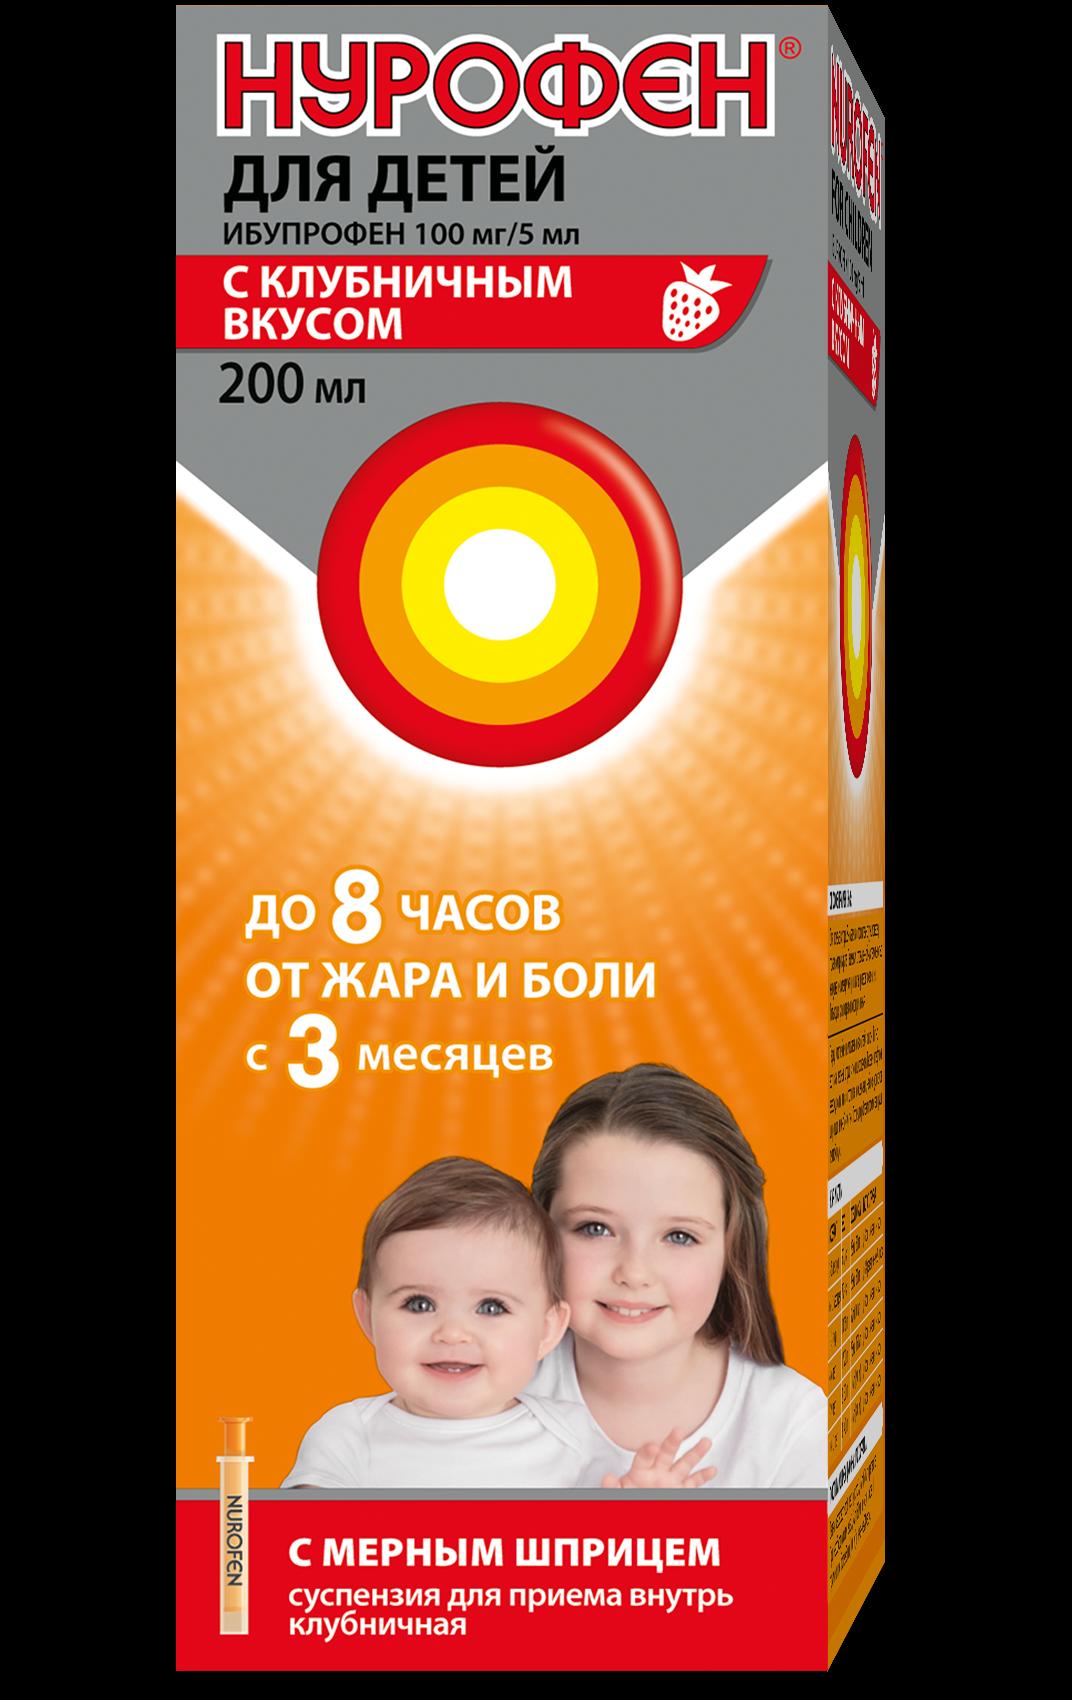 Нурофен для детей, 100 мг/5 мл, суспензия для приема внутрь, клубничный (ые), 200 мл, 1шт.